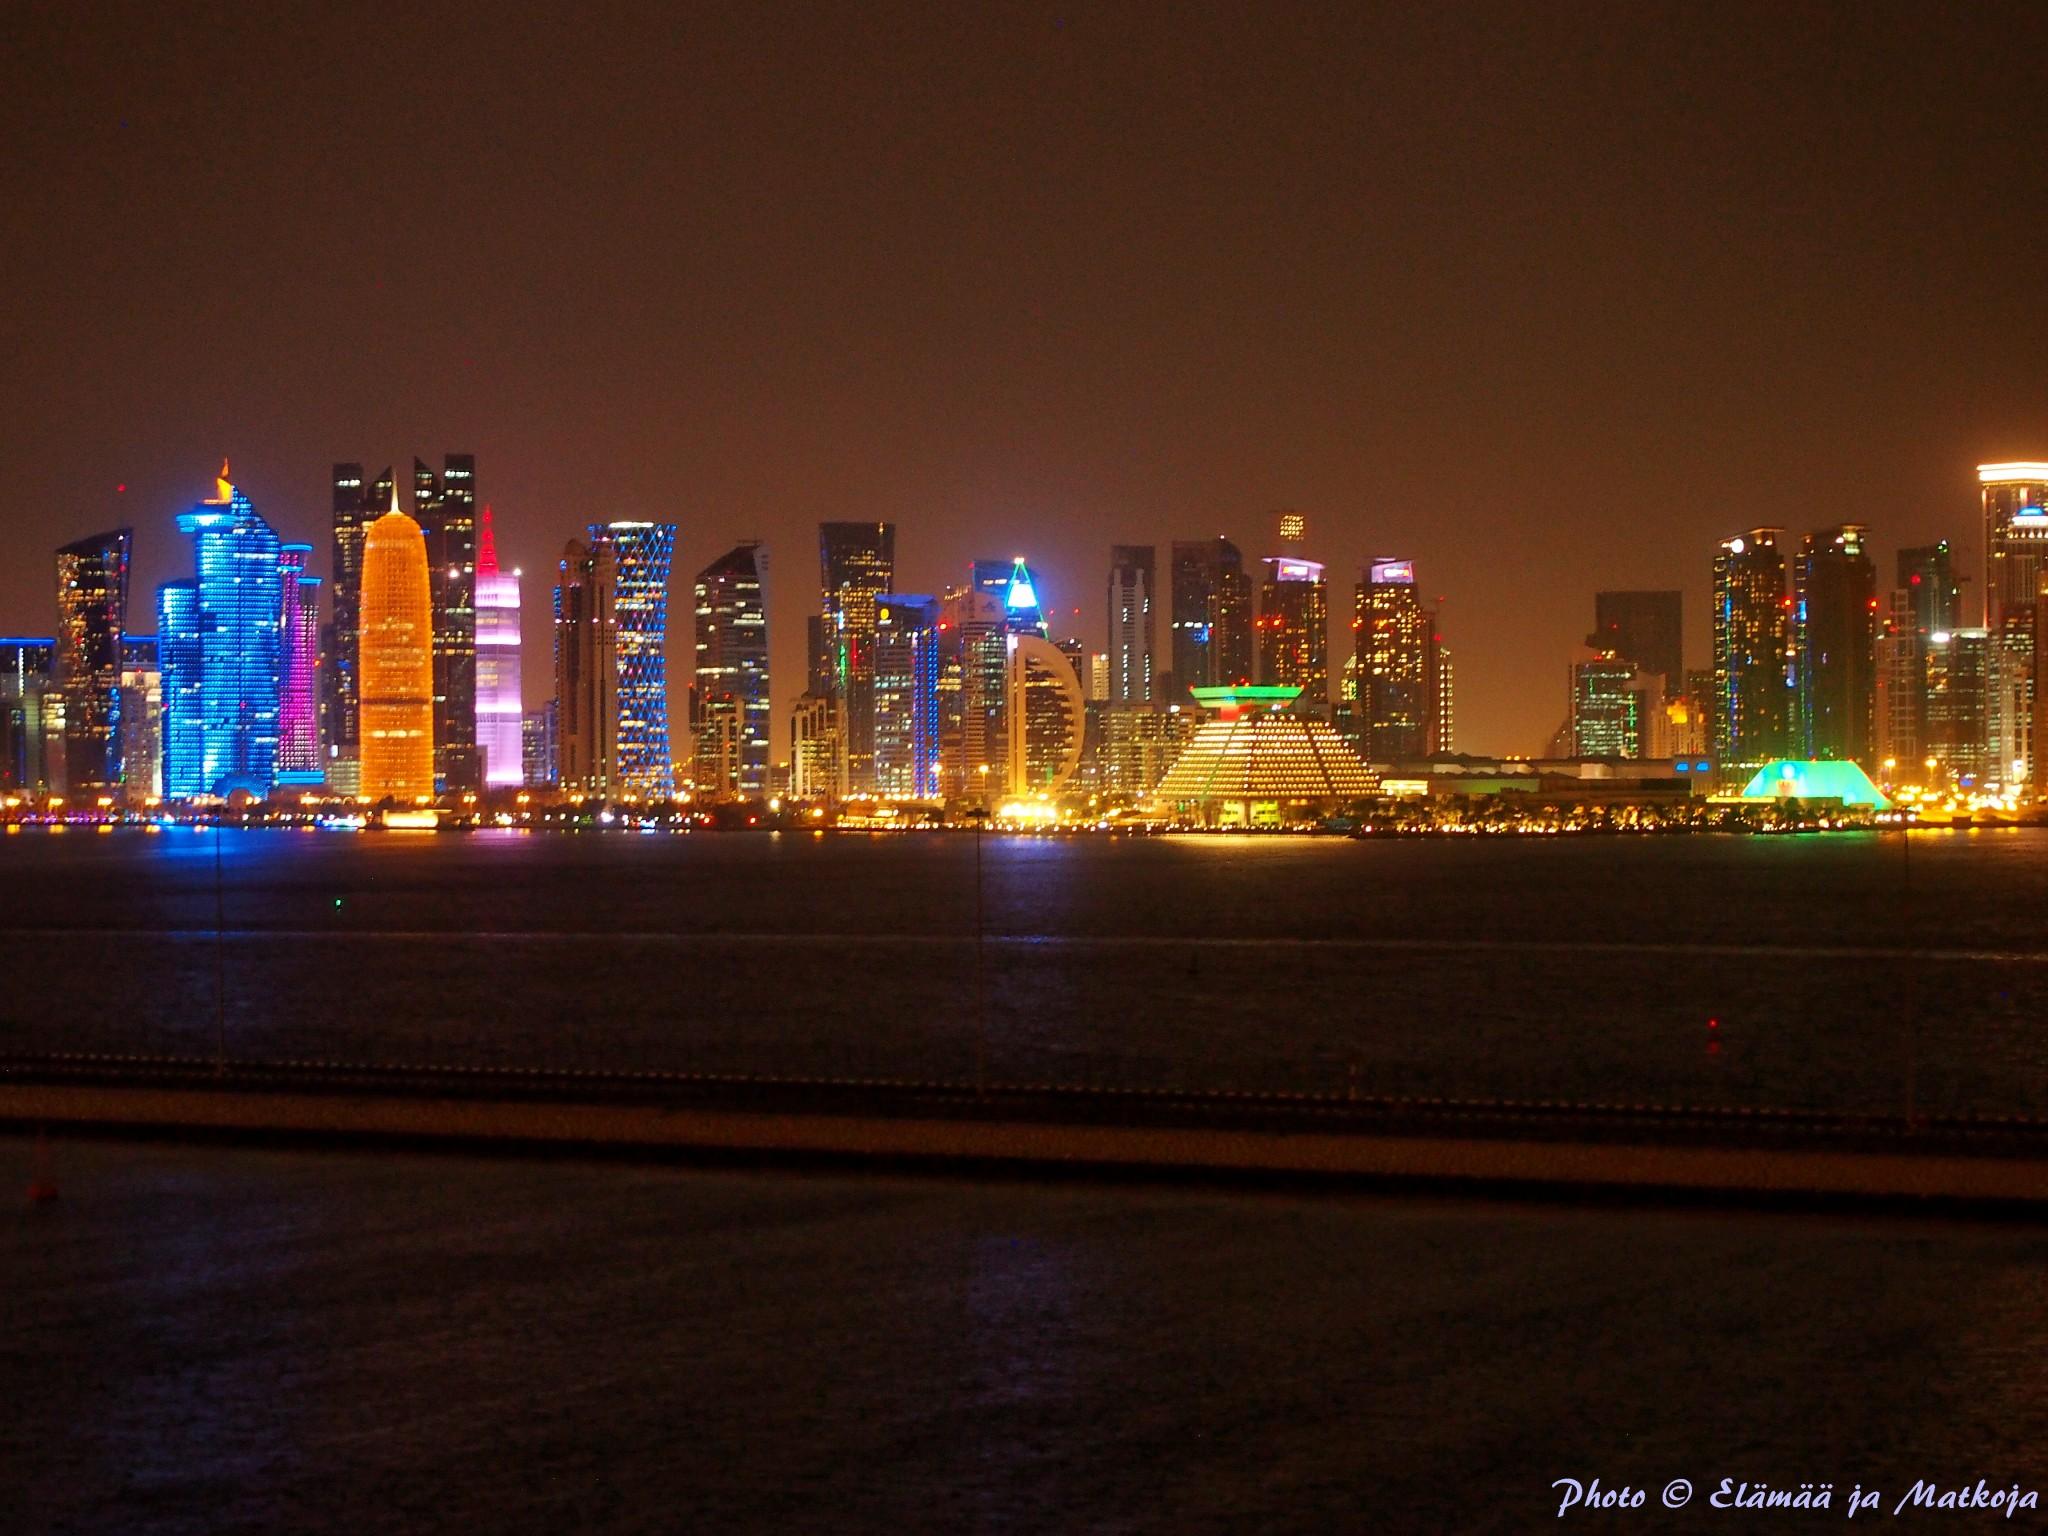 Qatarin pääkaupunki Doha iltavalalaistuksessa. Photo © Elämää ja Matkoja